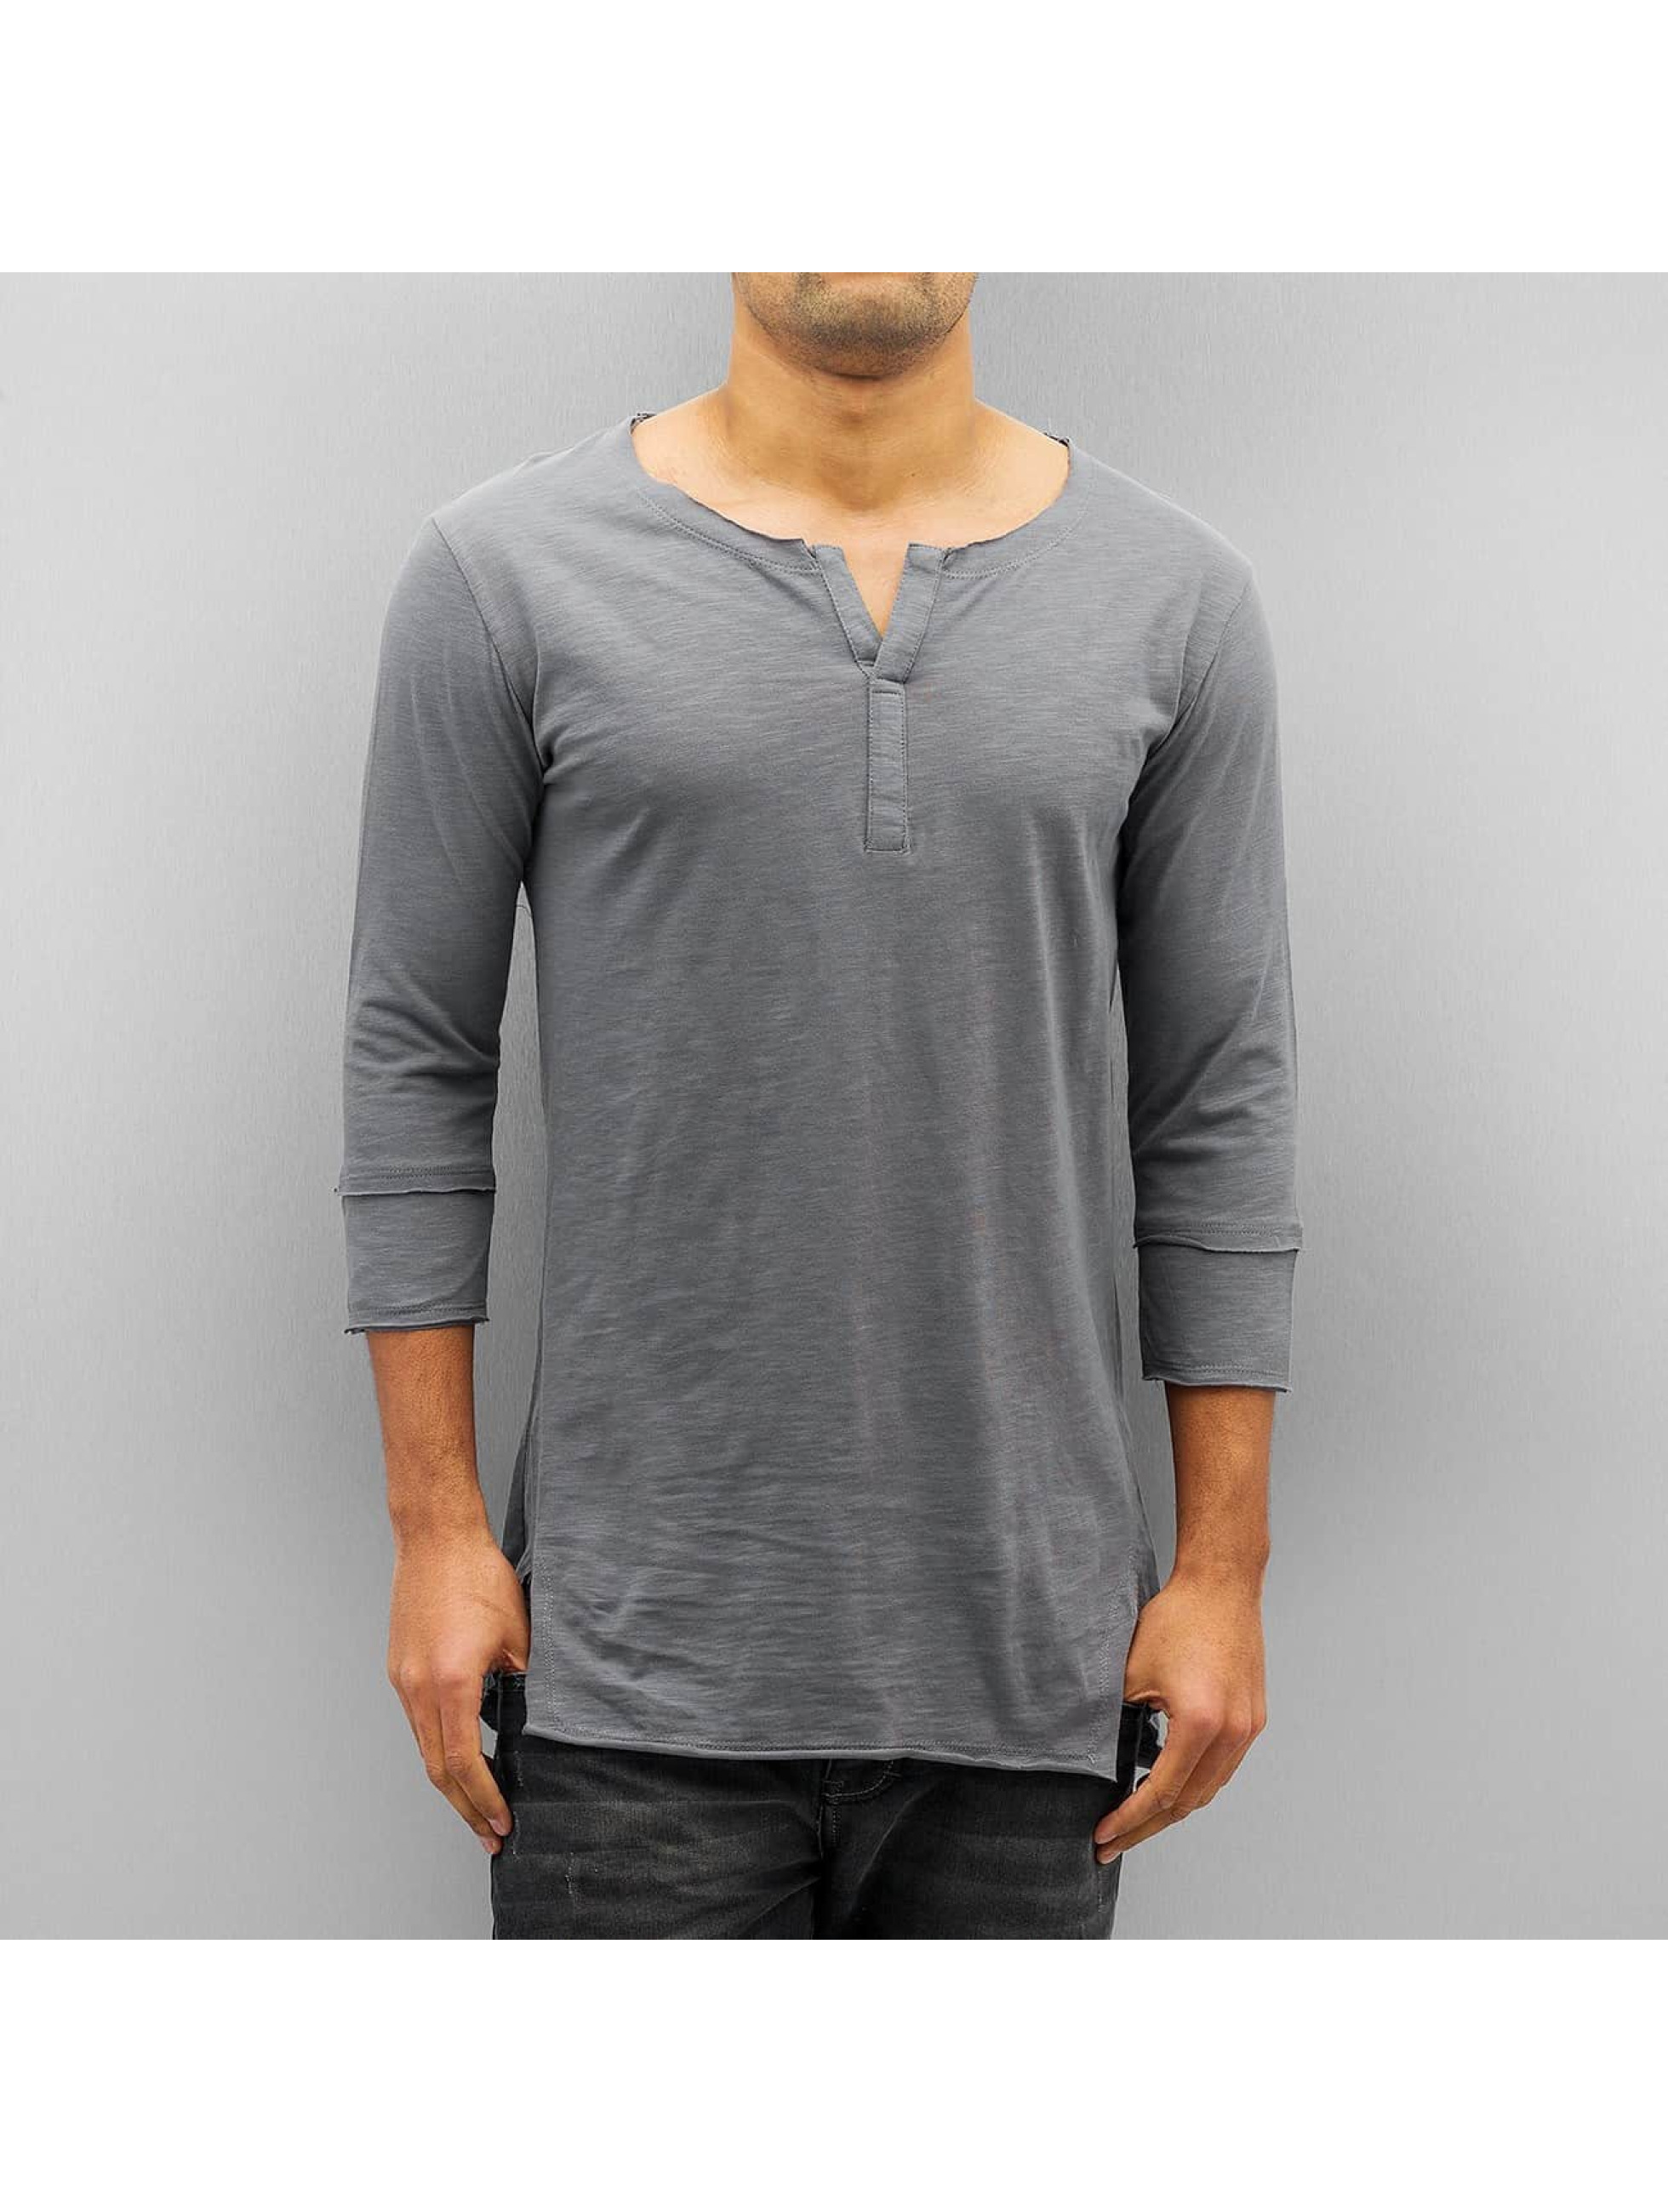 2Y Longsleeve Slough gray